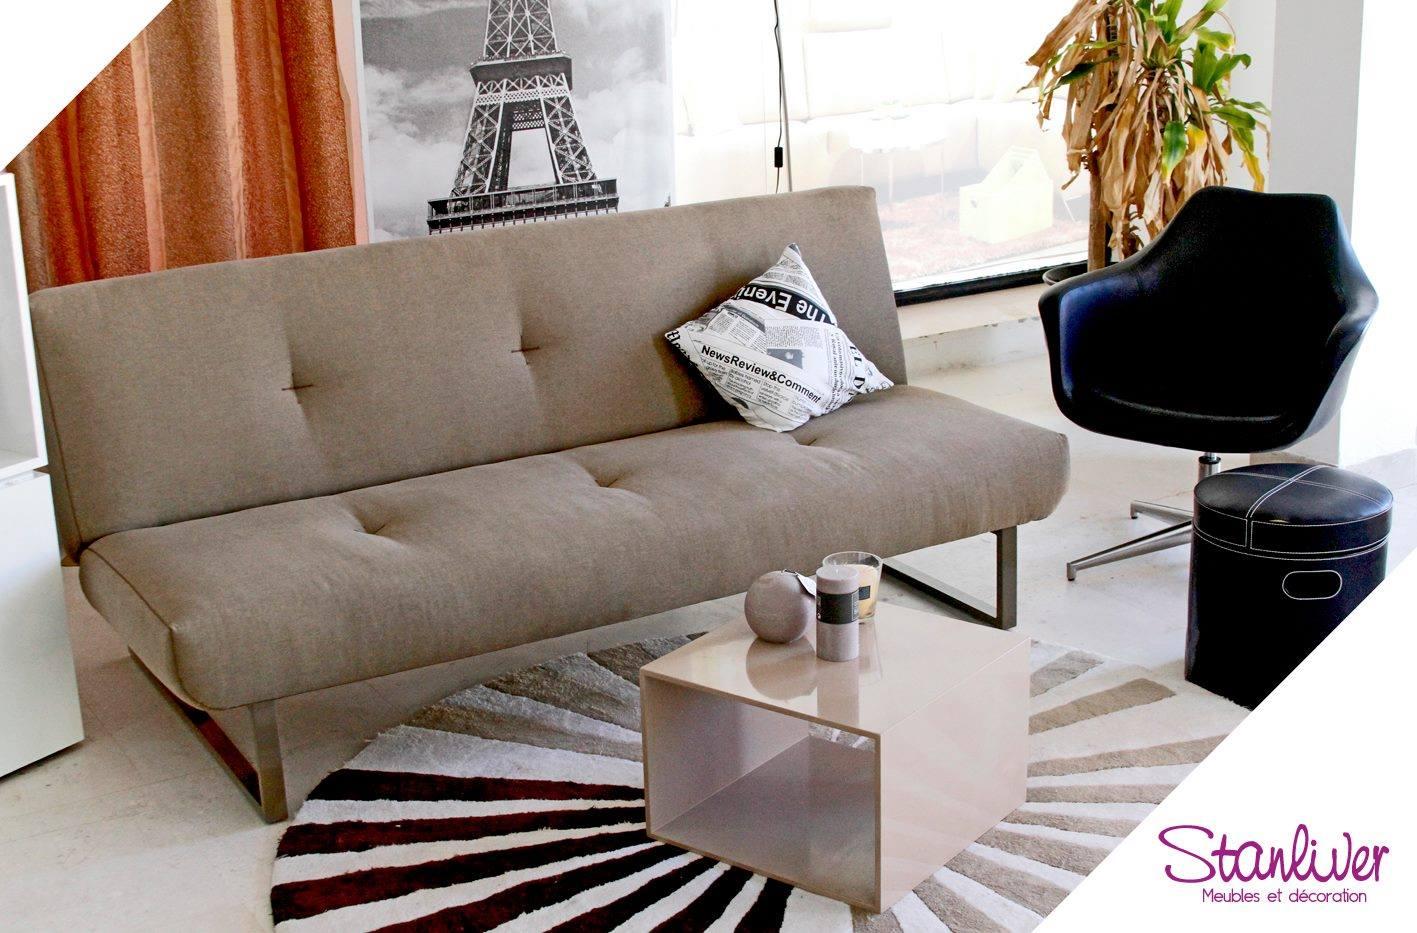 banque-clic-clac-stanliver-décoration-interieur-bons-plans-deco